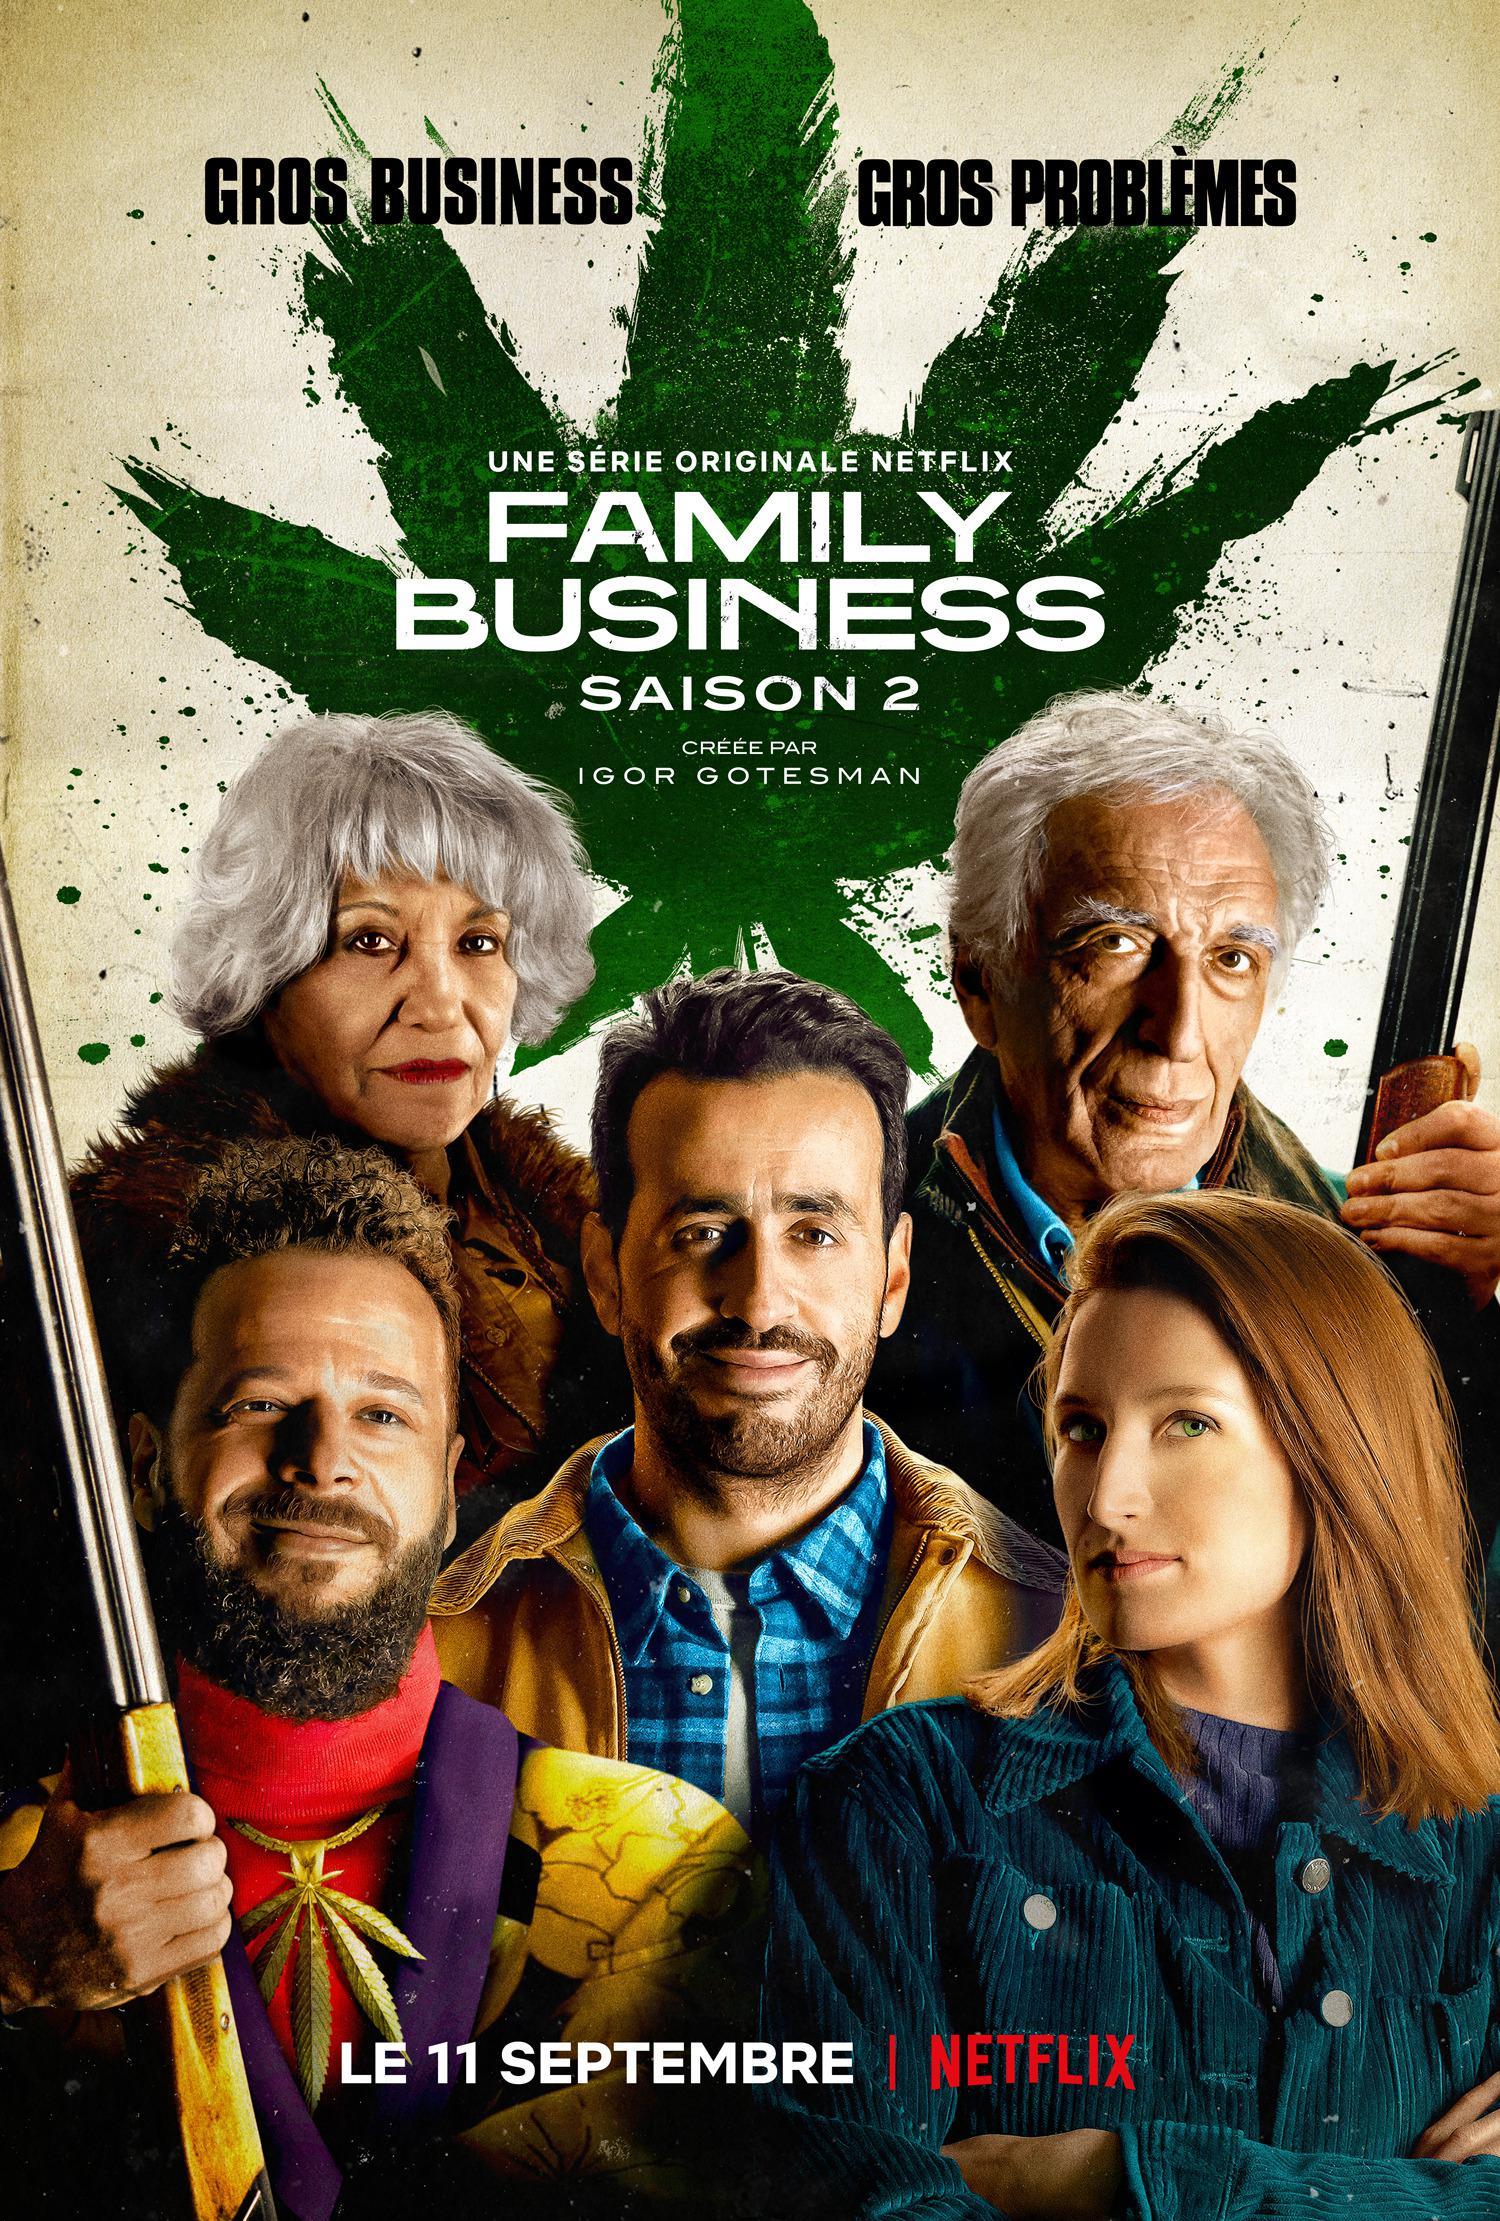 家族企业 第二季 Family Business Season 2 (2020)